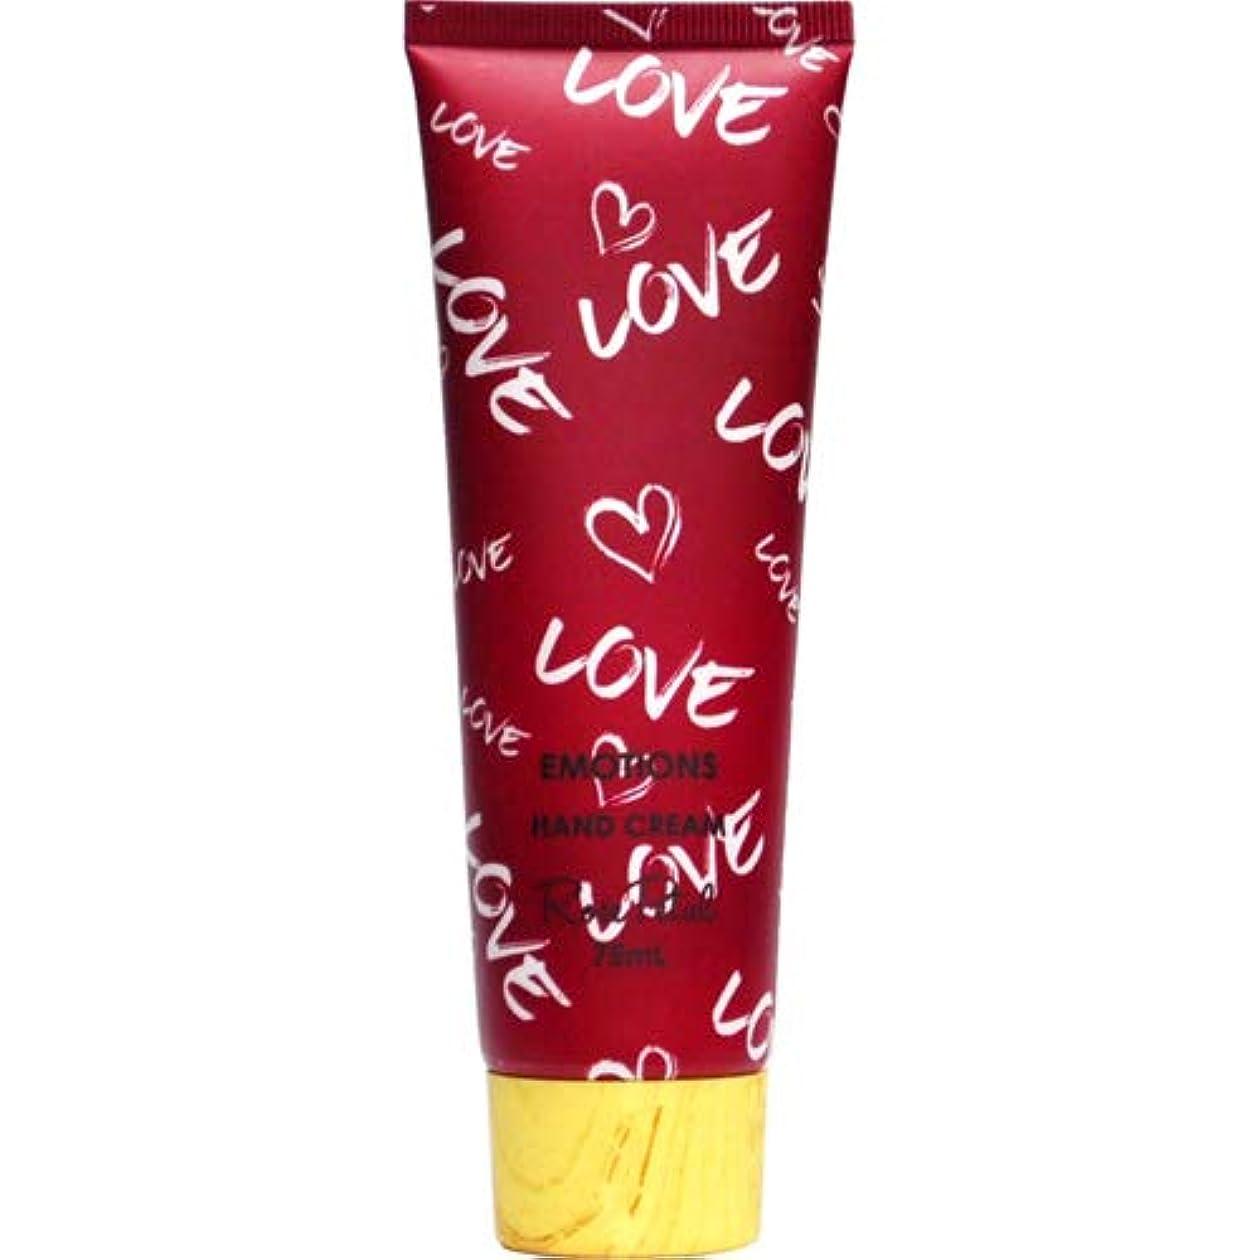 リラックスした蛇行幻滅する三和トレーディング EMOTIONS エモーション Hand Cream ハンドクリーム Love ラブ(Rose Petal ローズペタル)